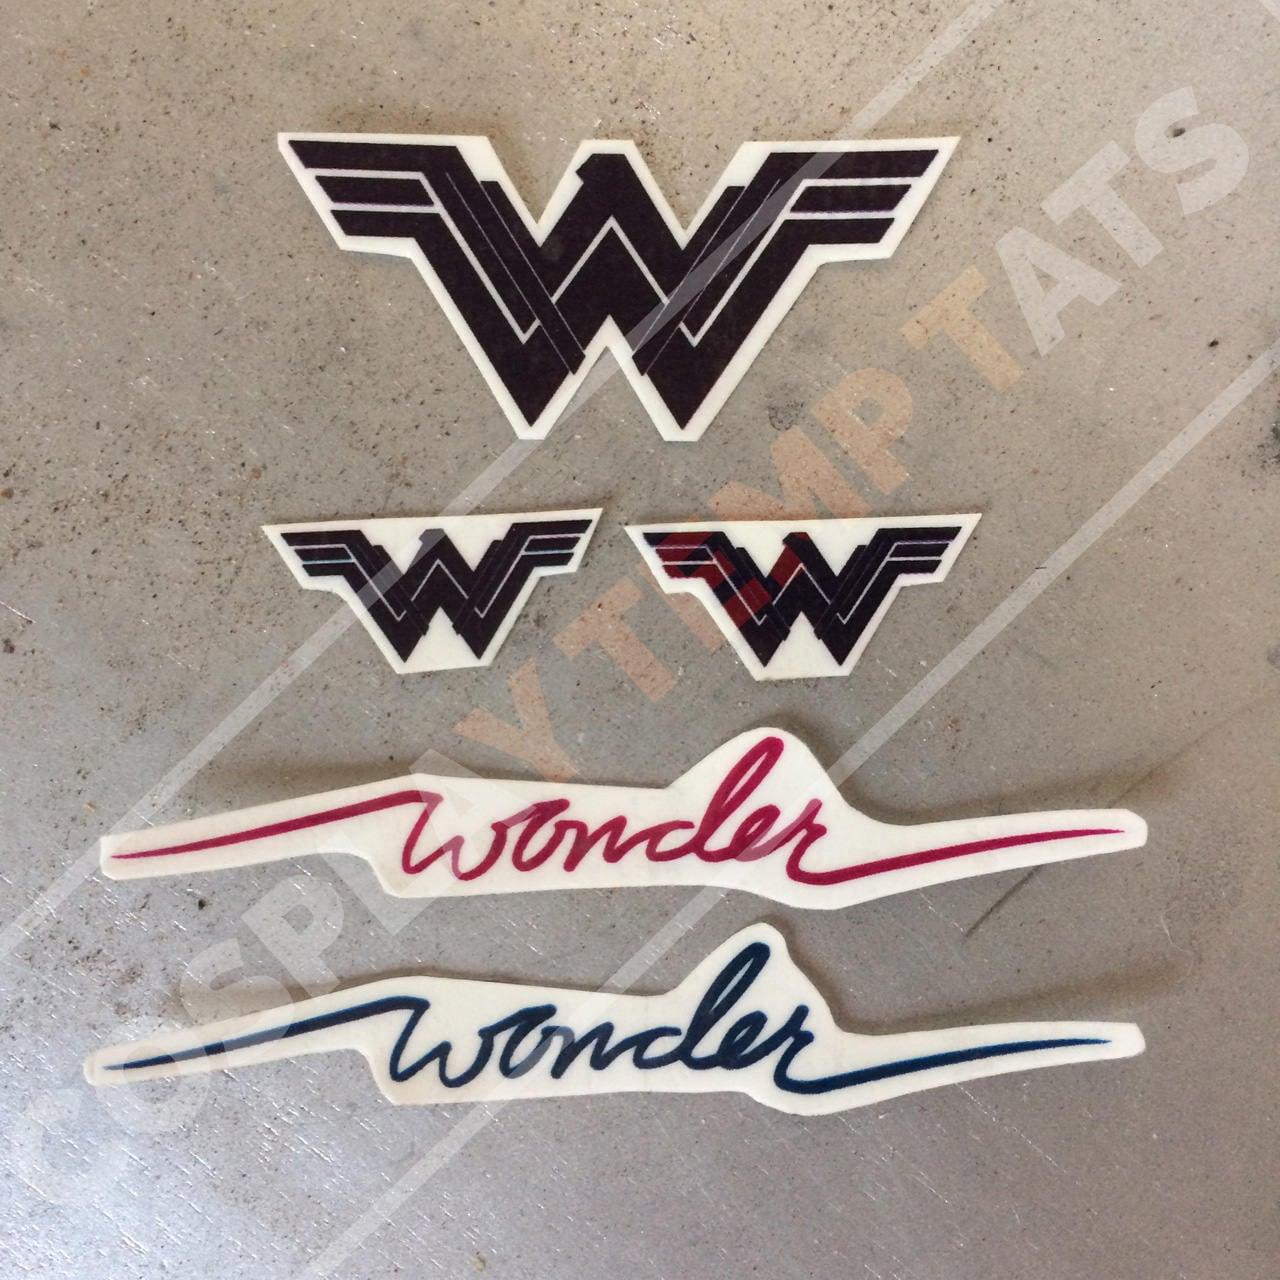 Wonder woman temporary tattoo temp tat blue red script cursive for Wonder woman temporary tattoo